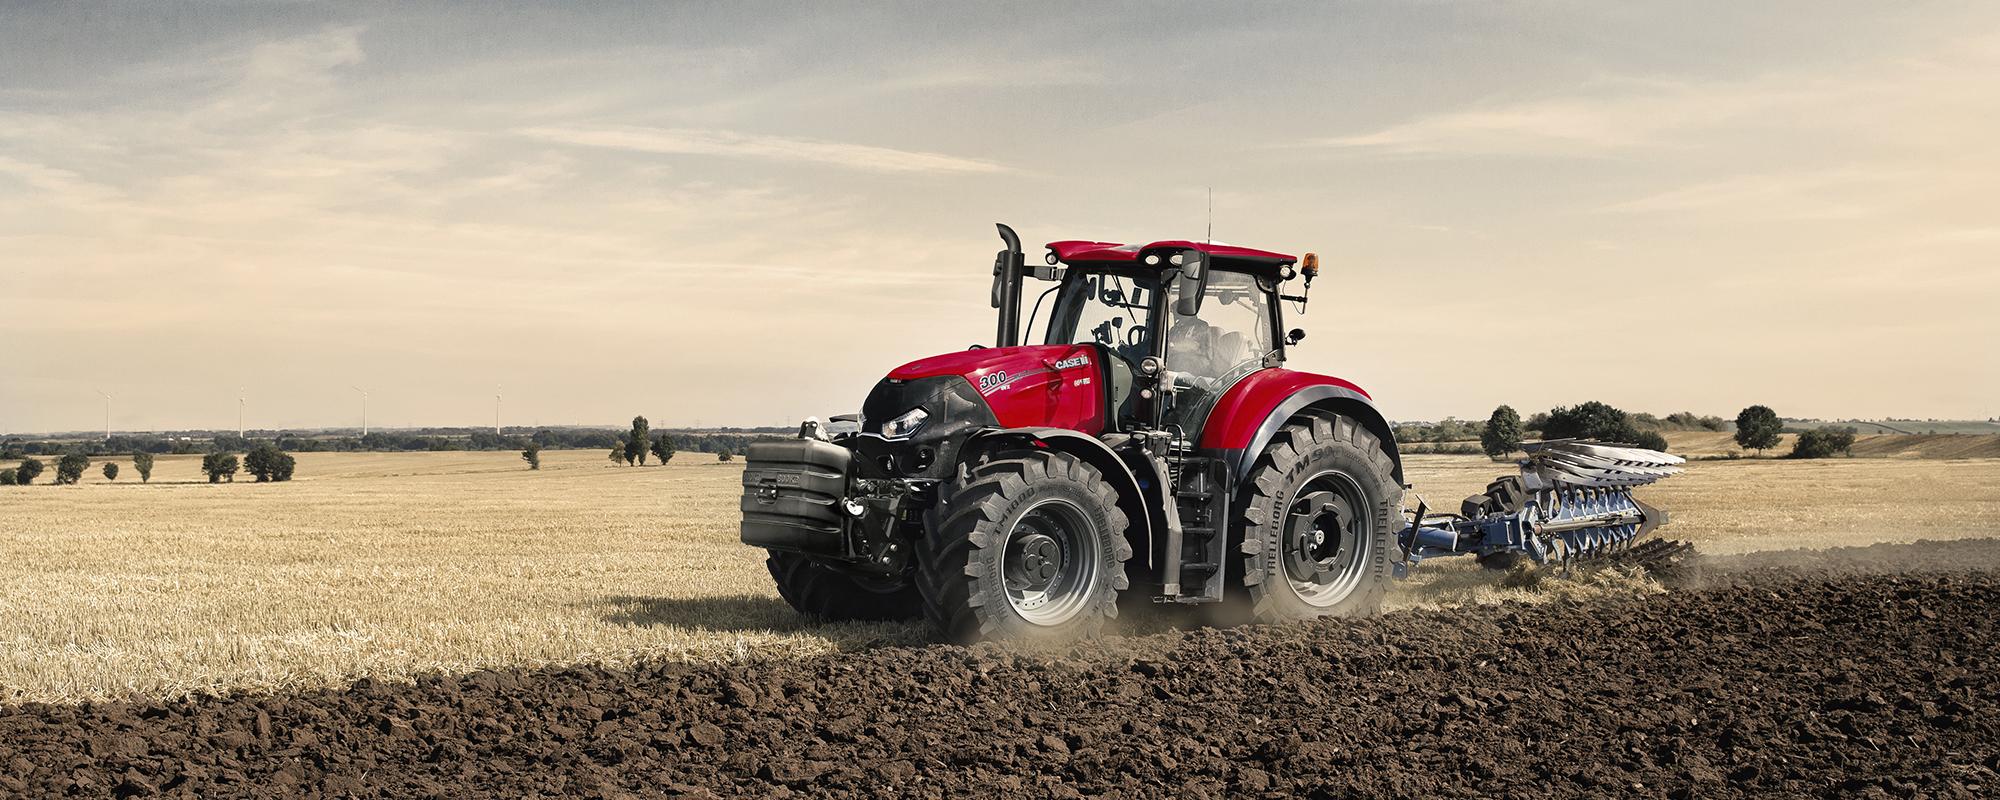 Jordbearbetning- och traktordemo